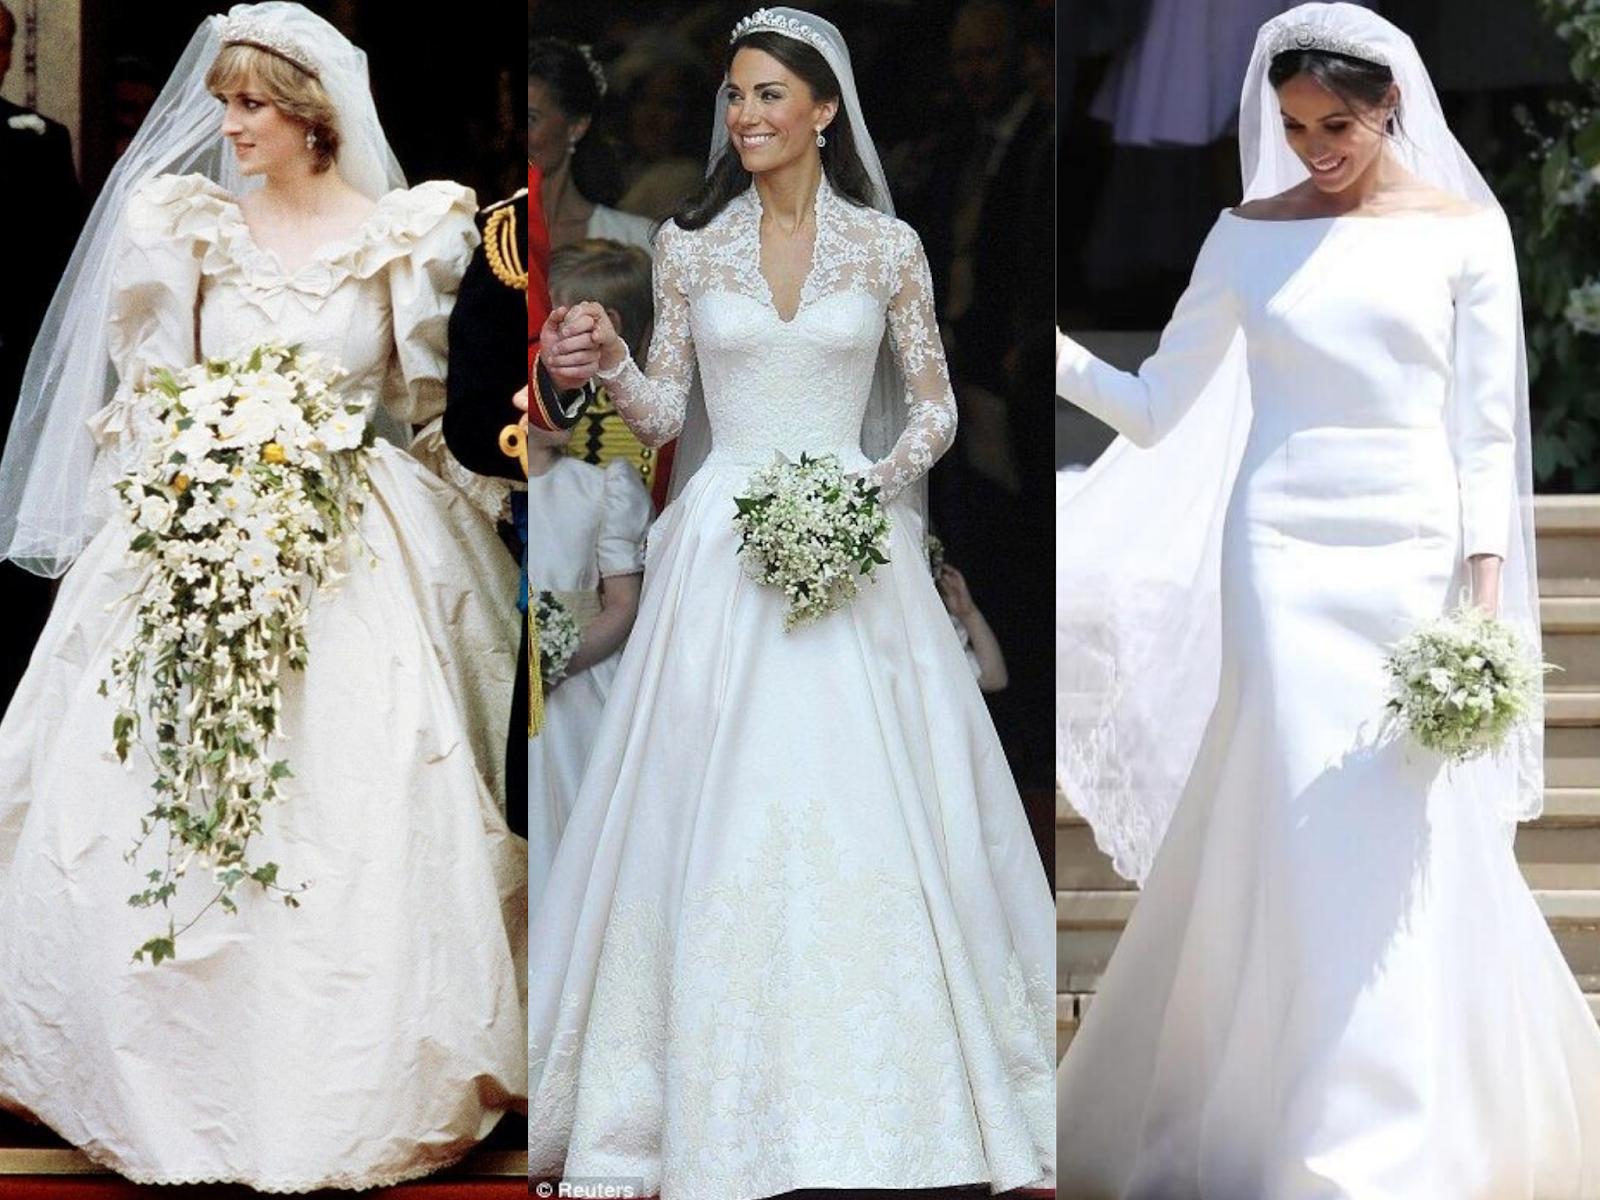 Lady Diana, Kate Middleton, Meghan Markle dan gaun pengantin mereka